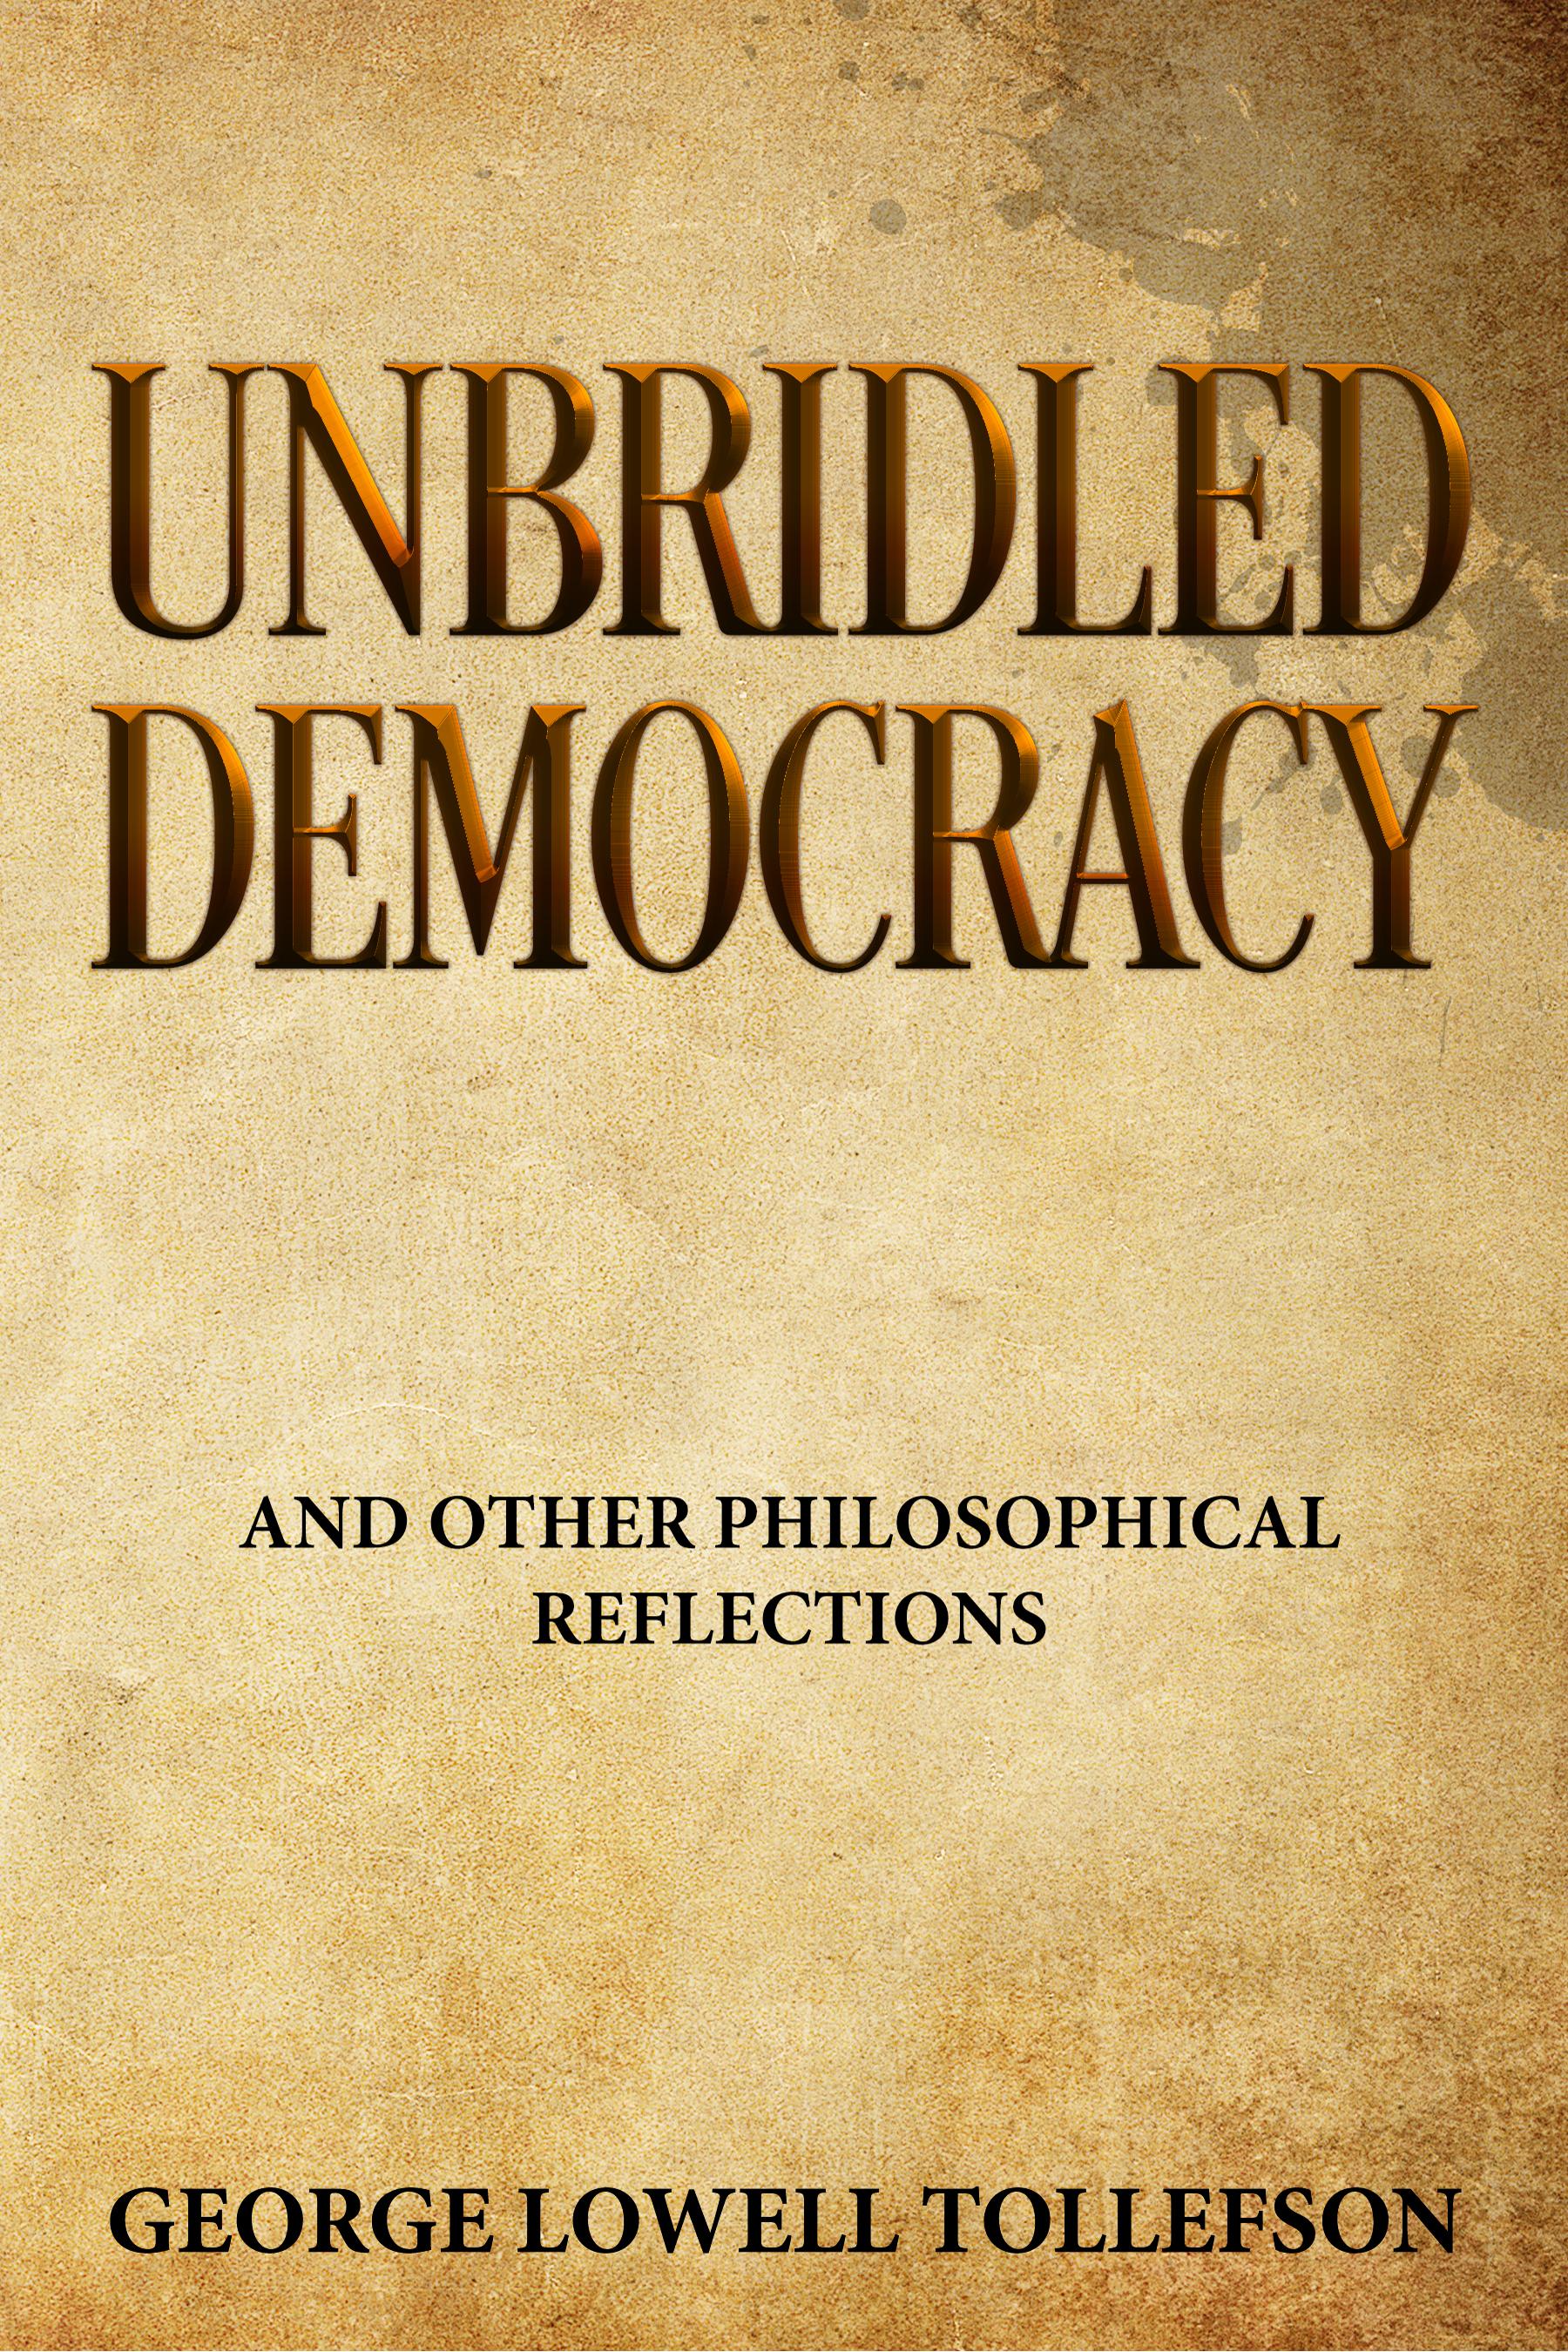 unbridled_democracy